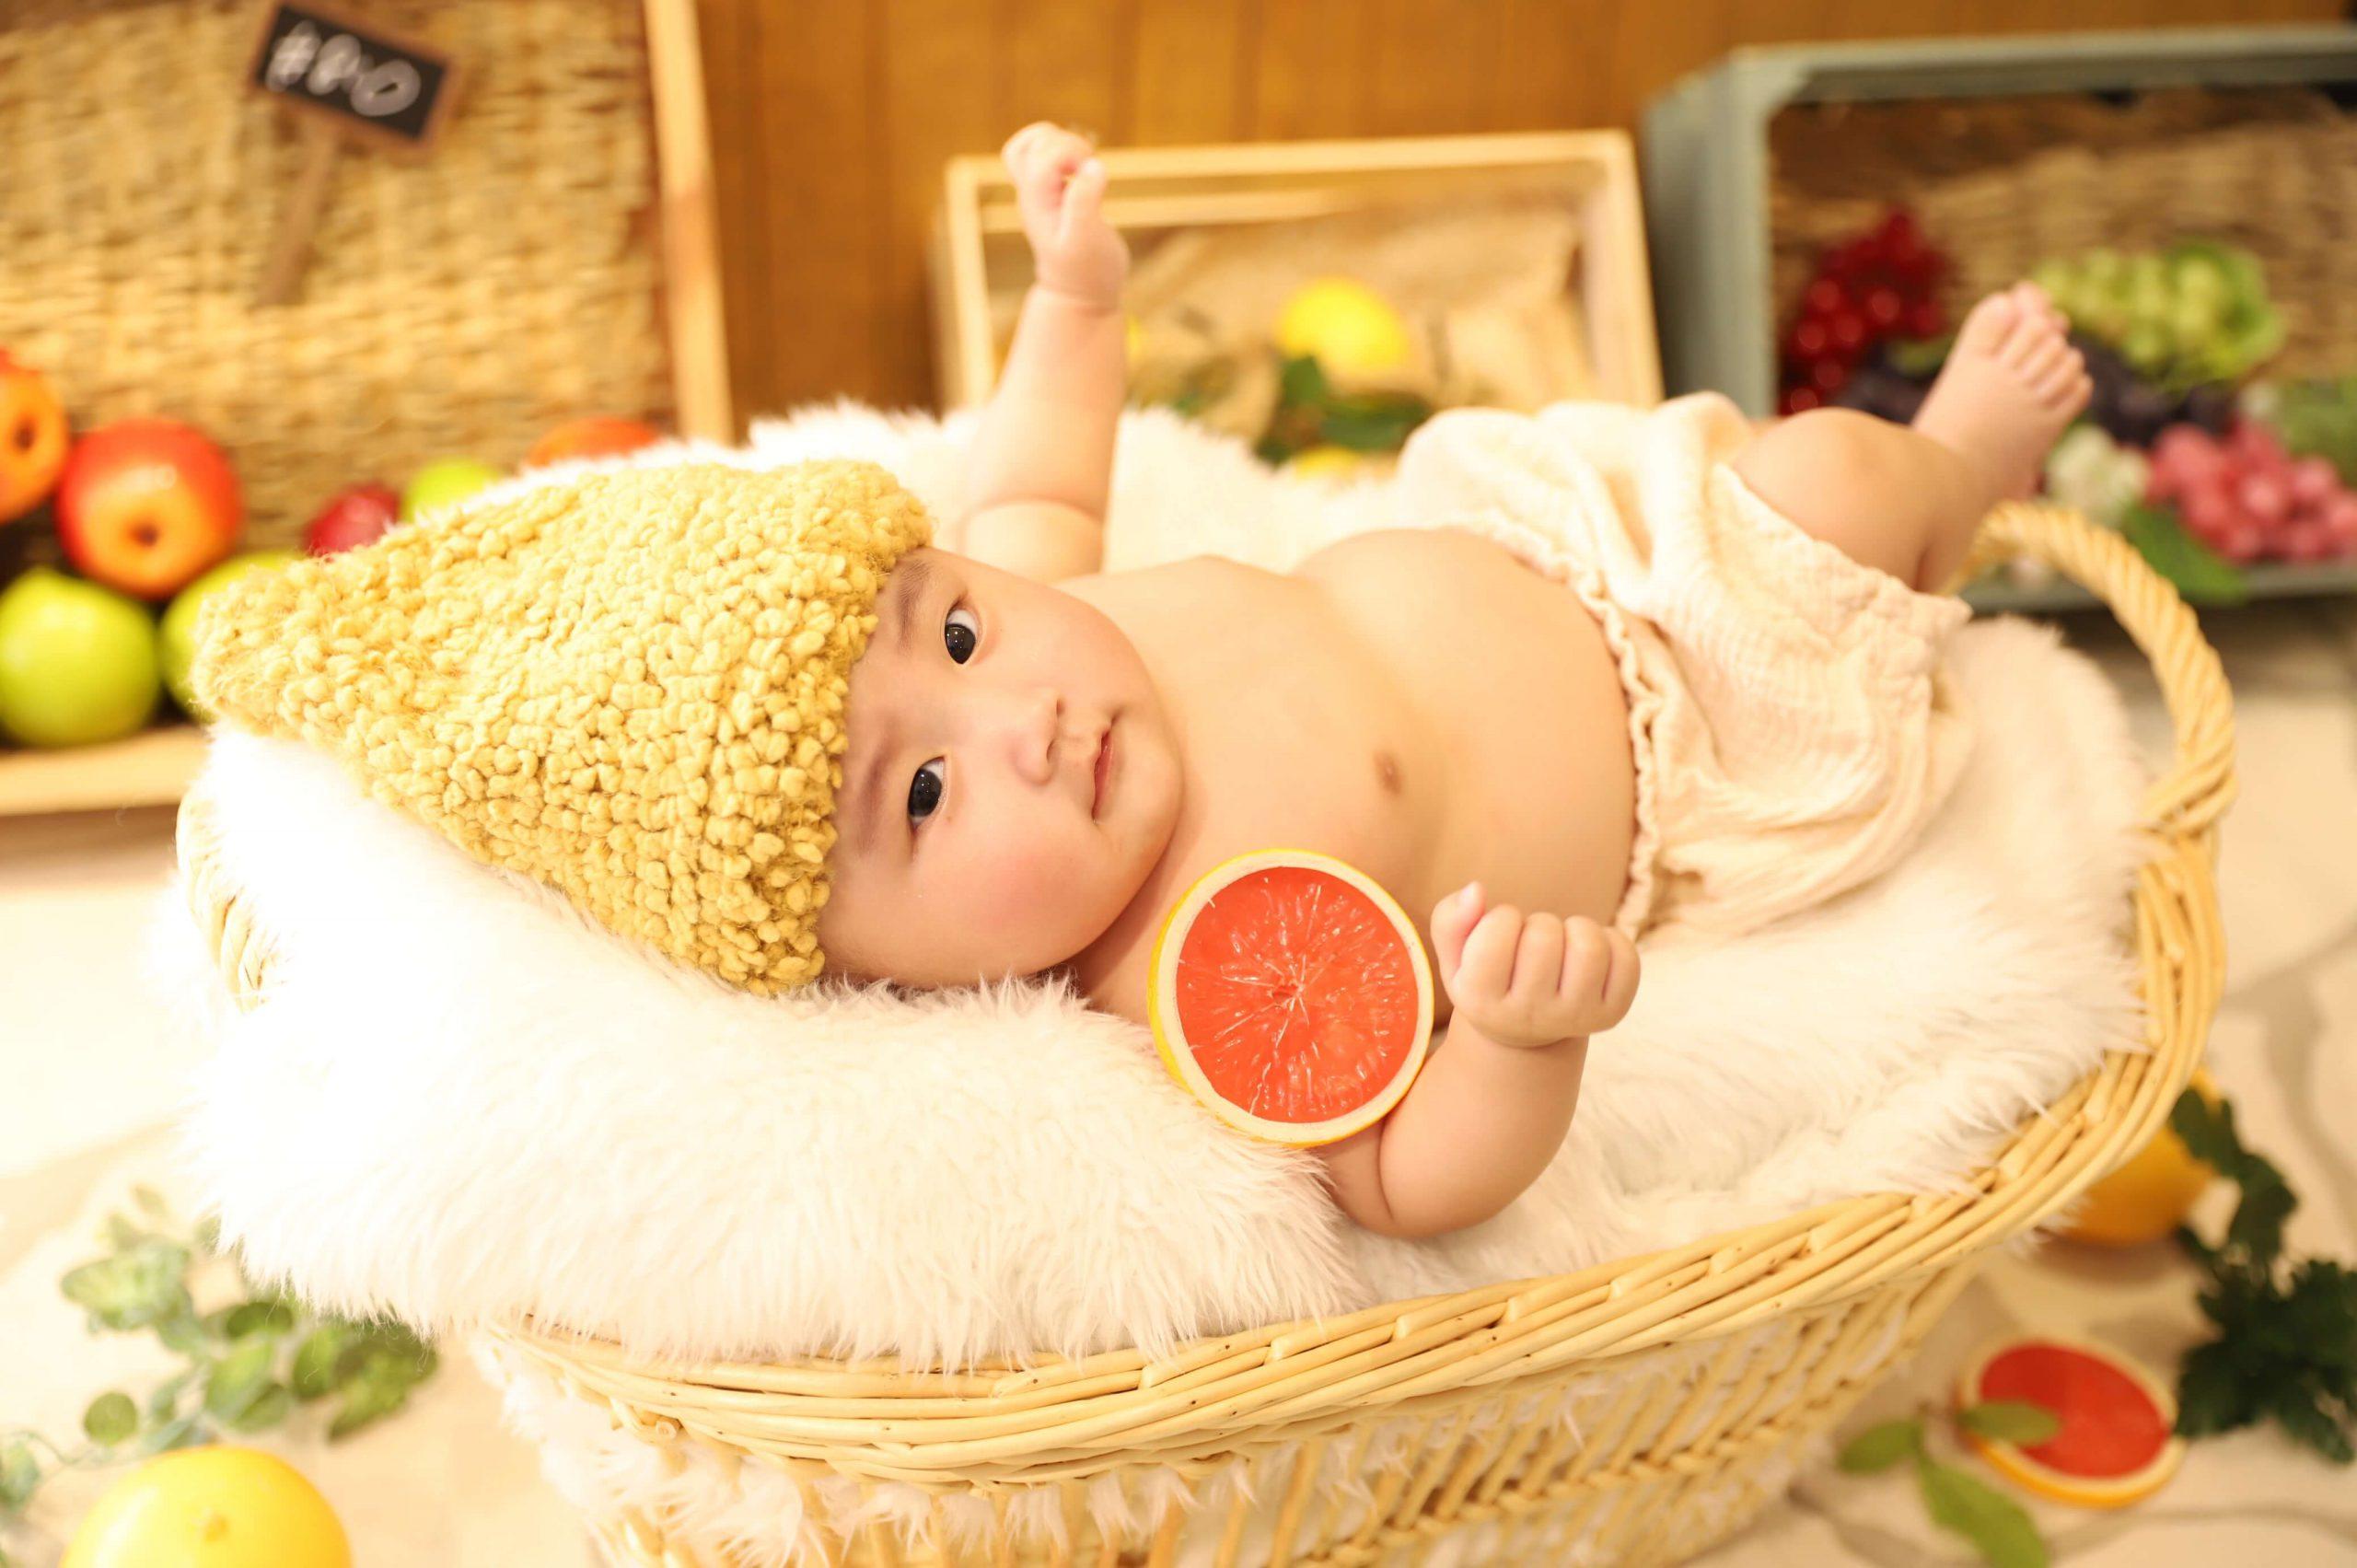 【BABY】札幌西店ならでは!フルーツ×スタジオのコラボレーション☆